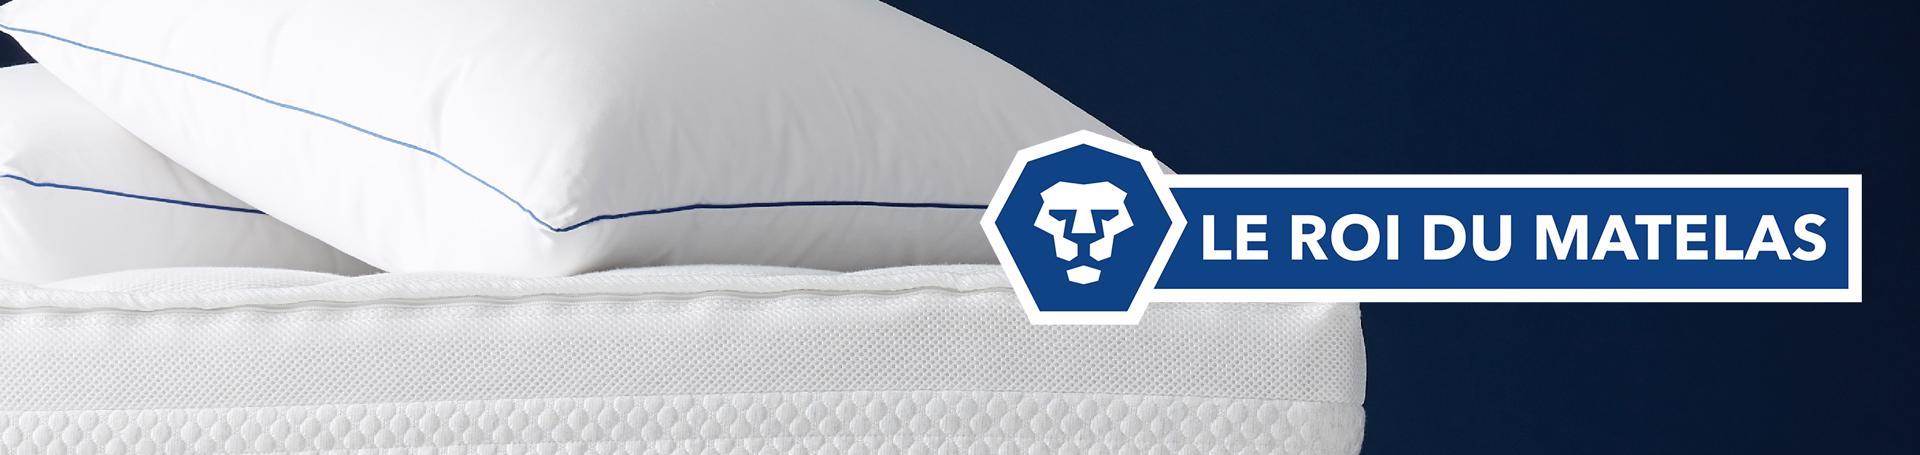 logo de Le roi du matelas